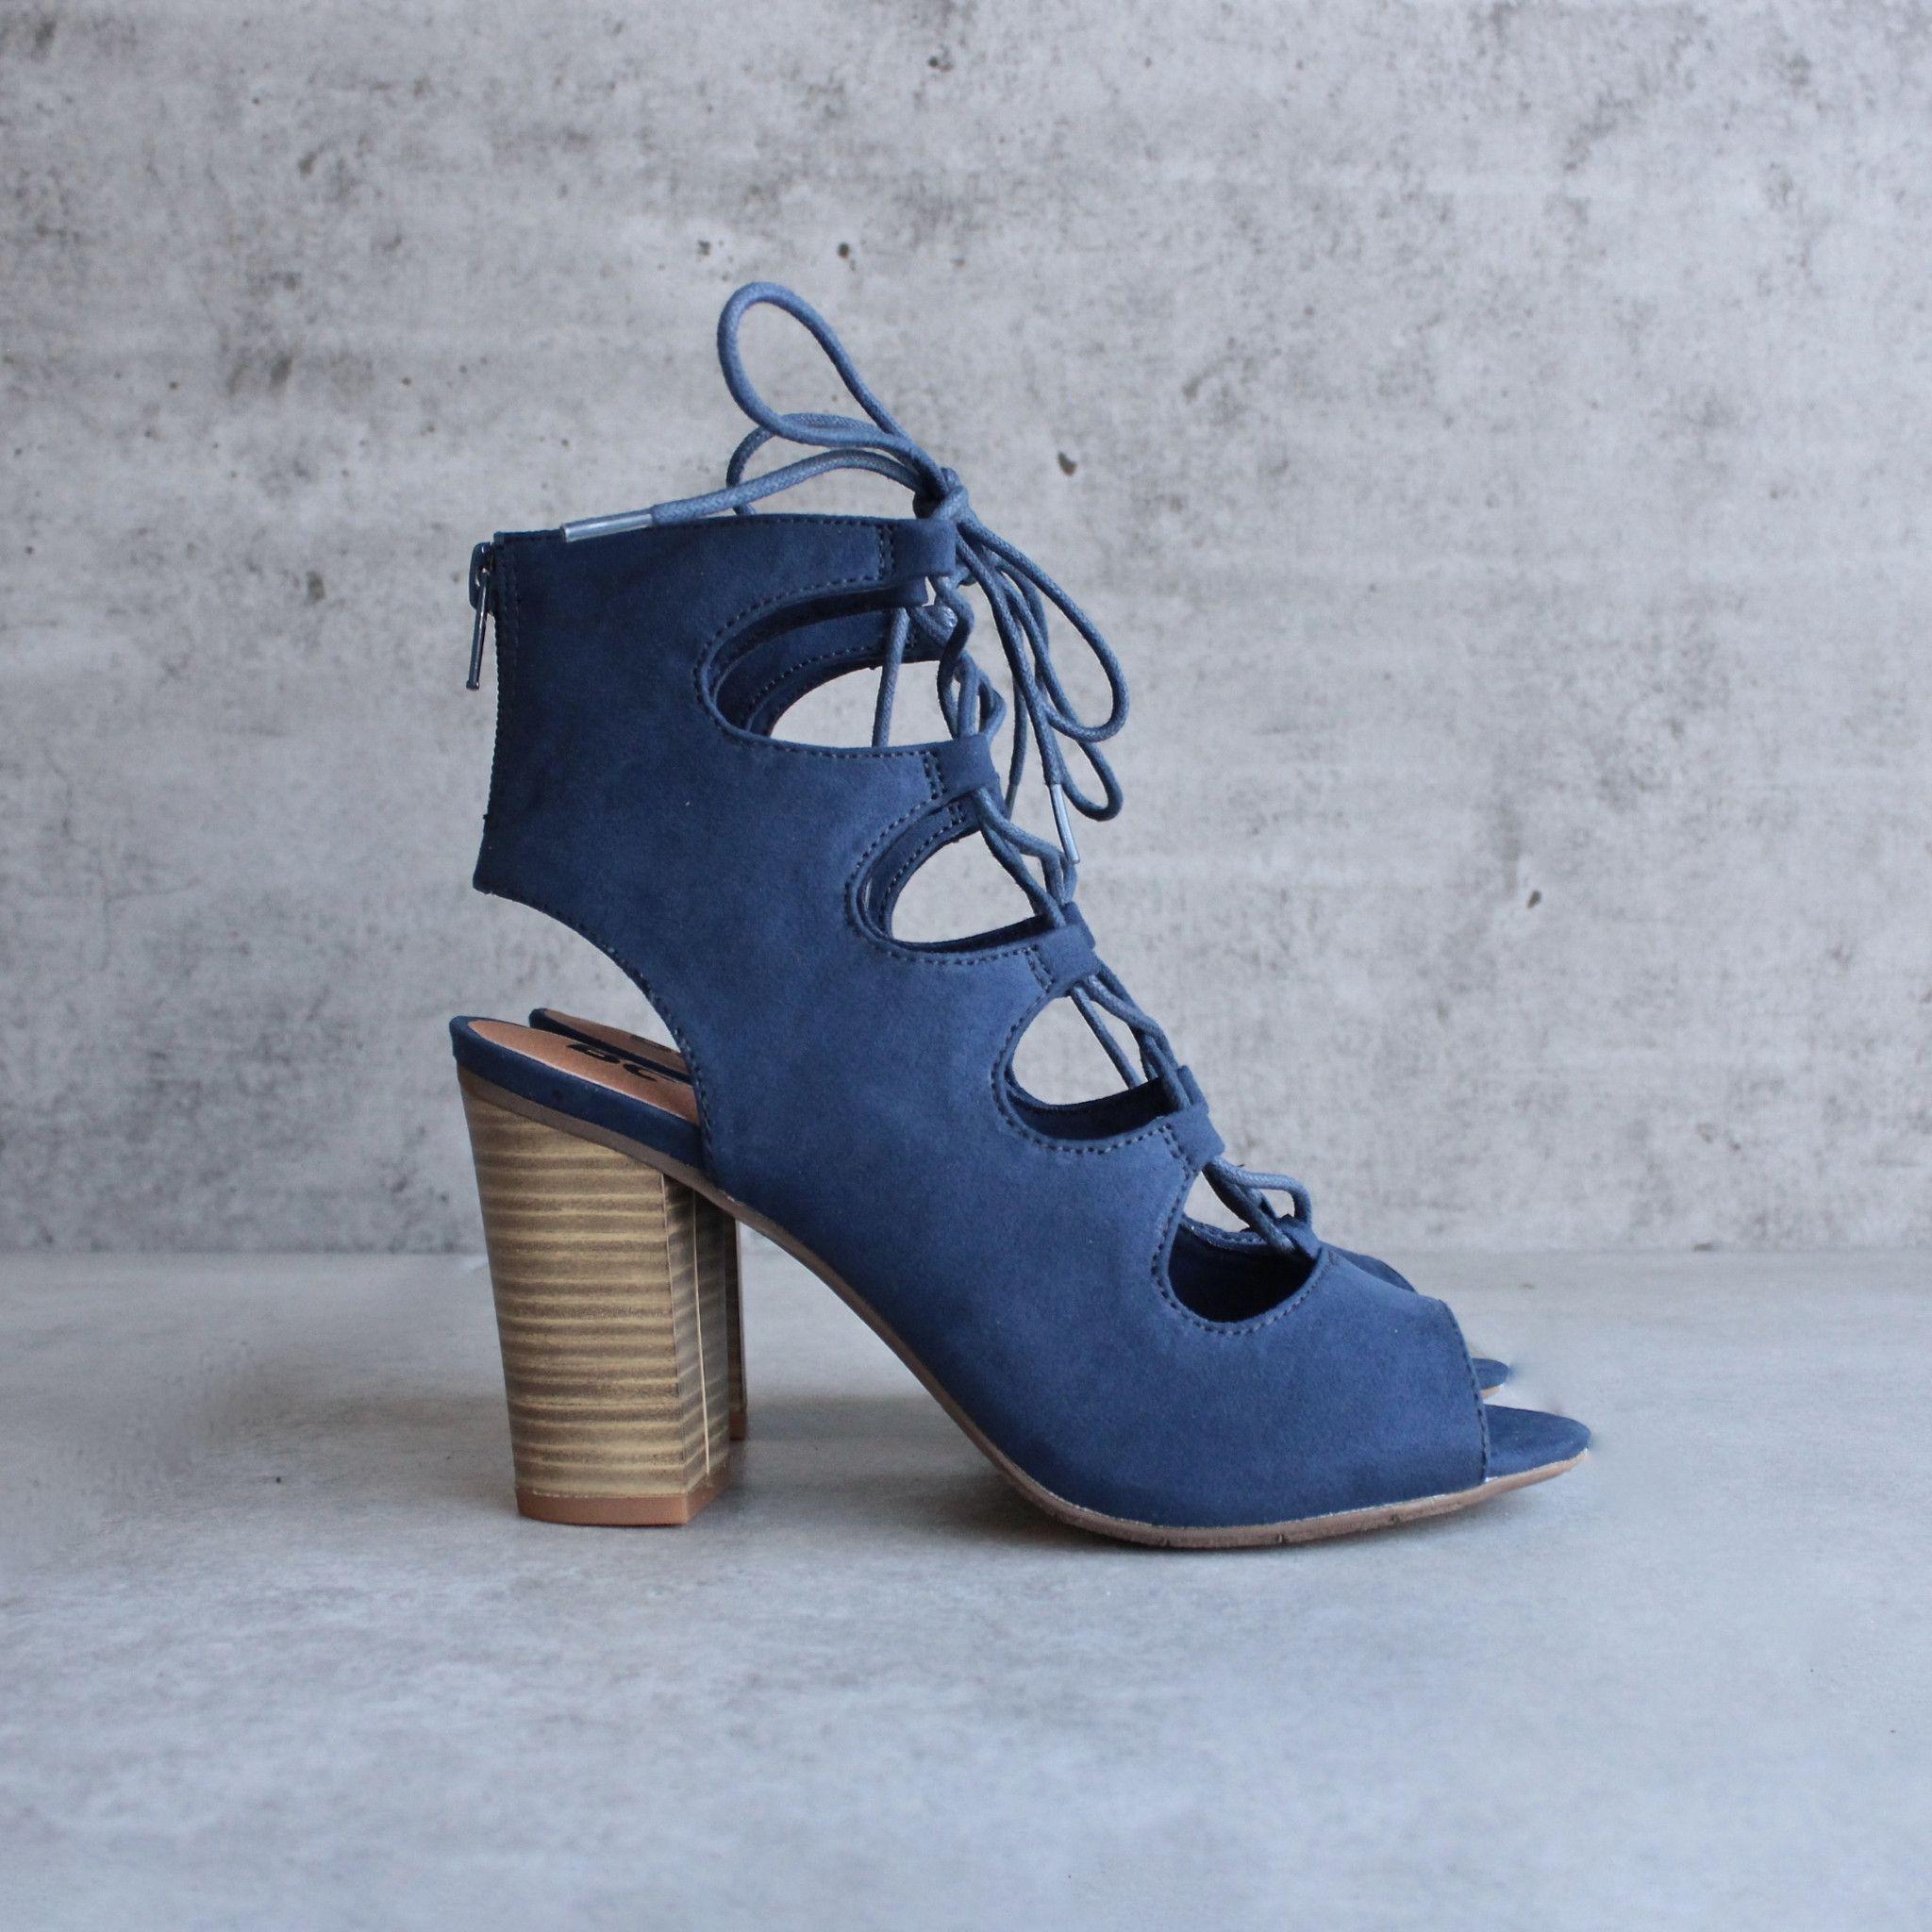 bc footwear - vivacious lace-up sandal in indigo - shophearts - 1 0acb09b43a9